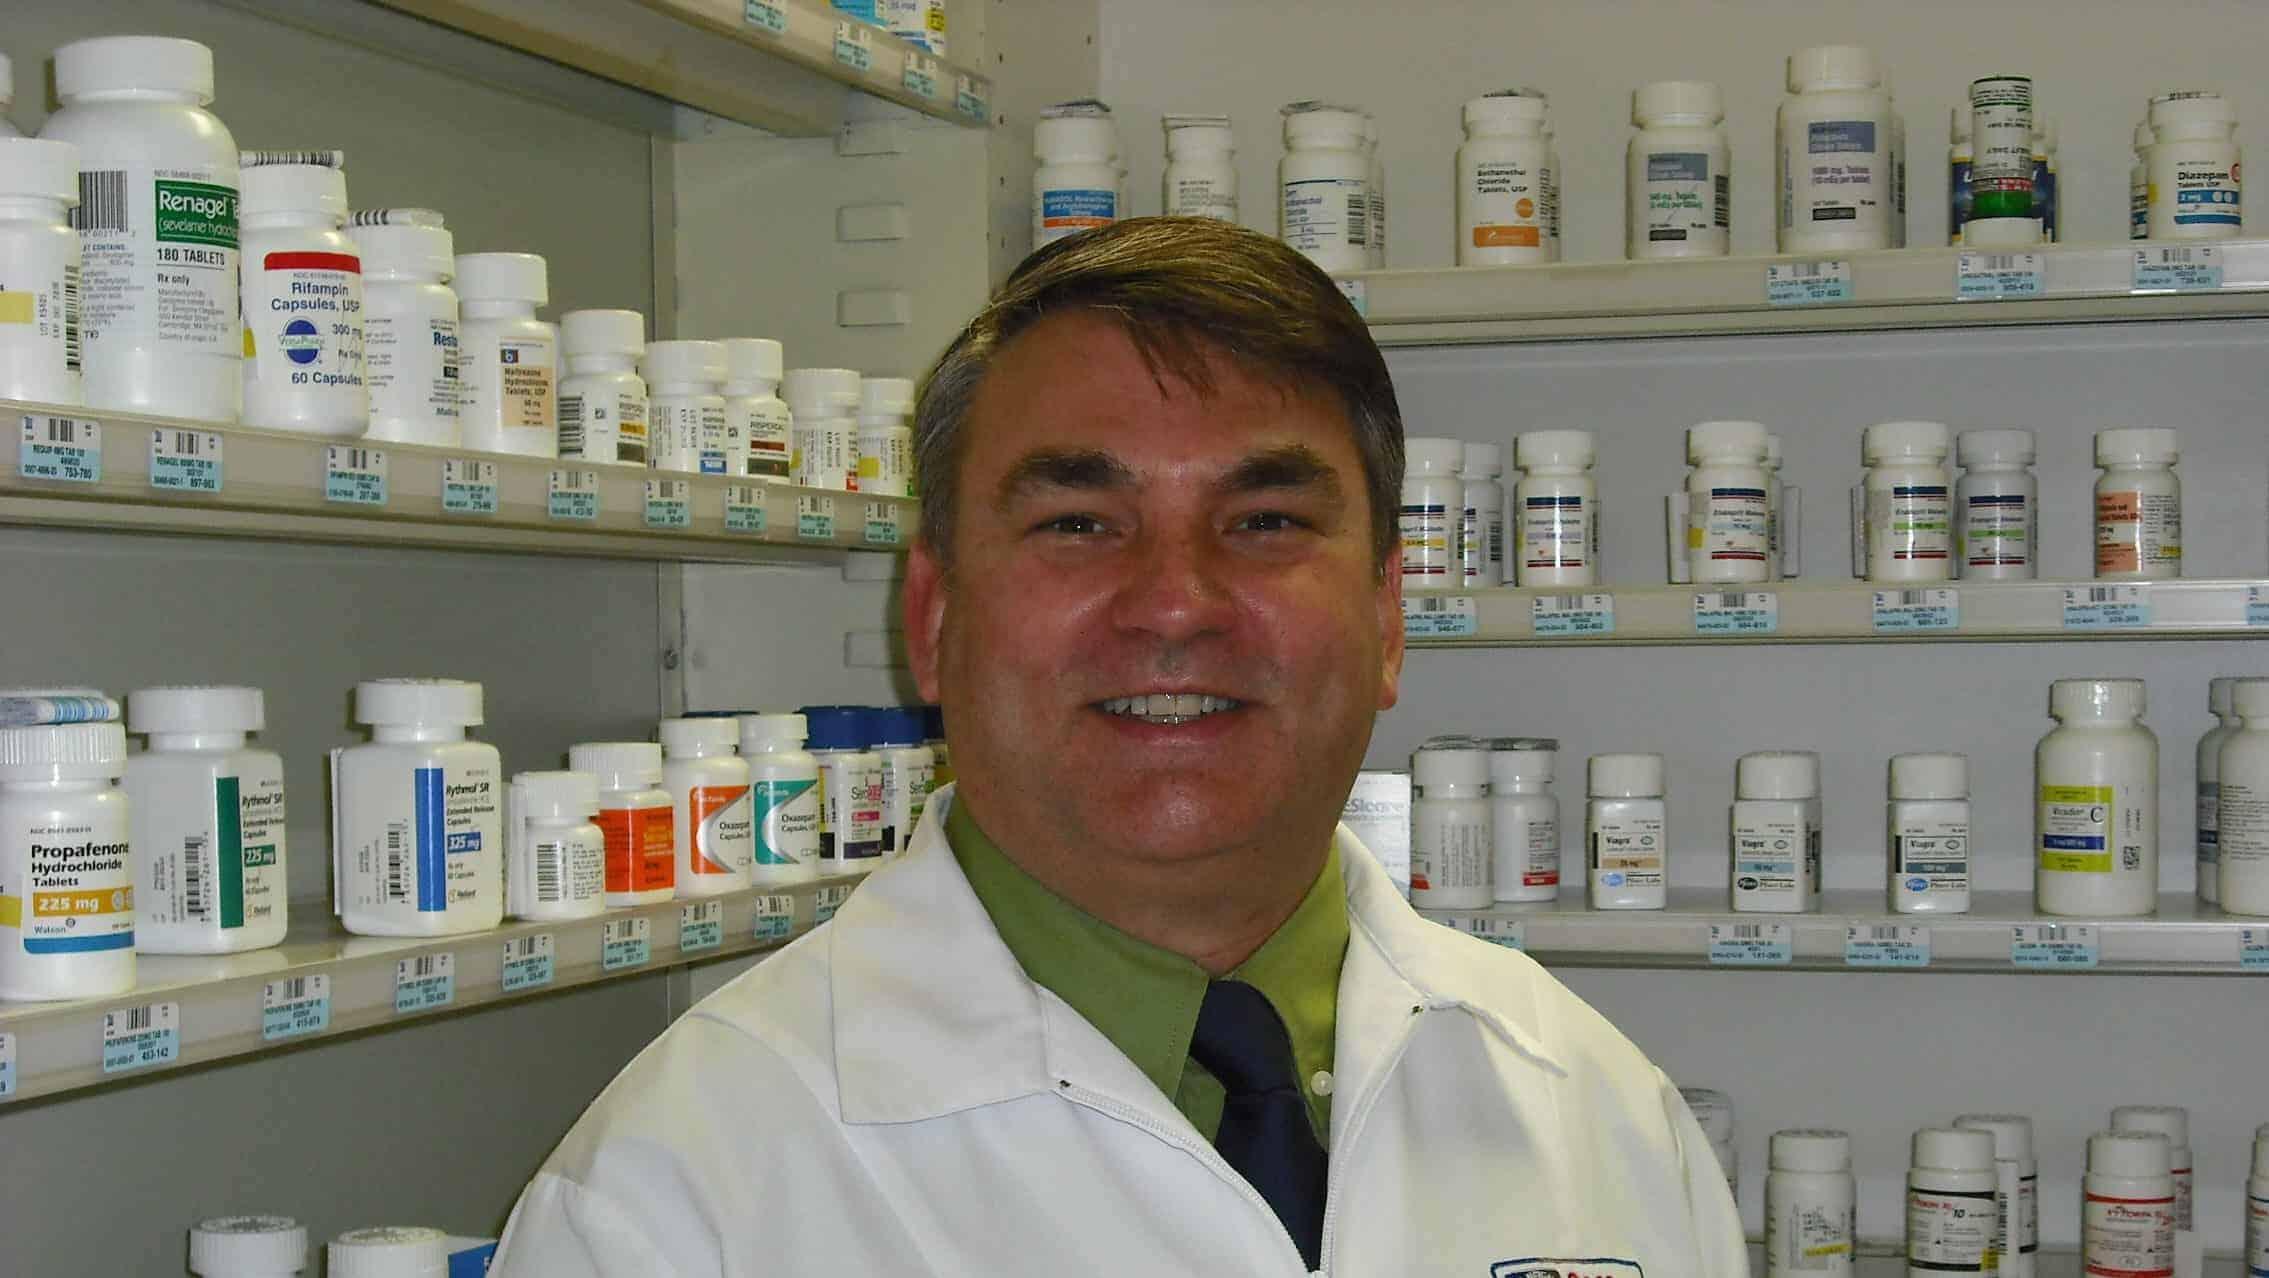 Smith's Pharmacy